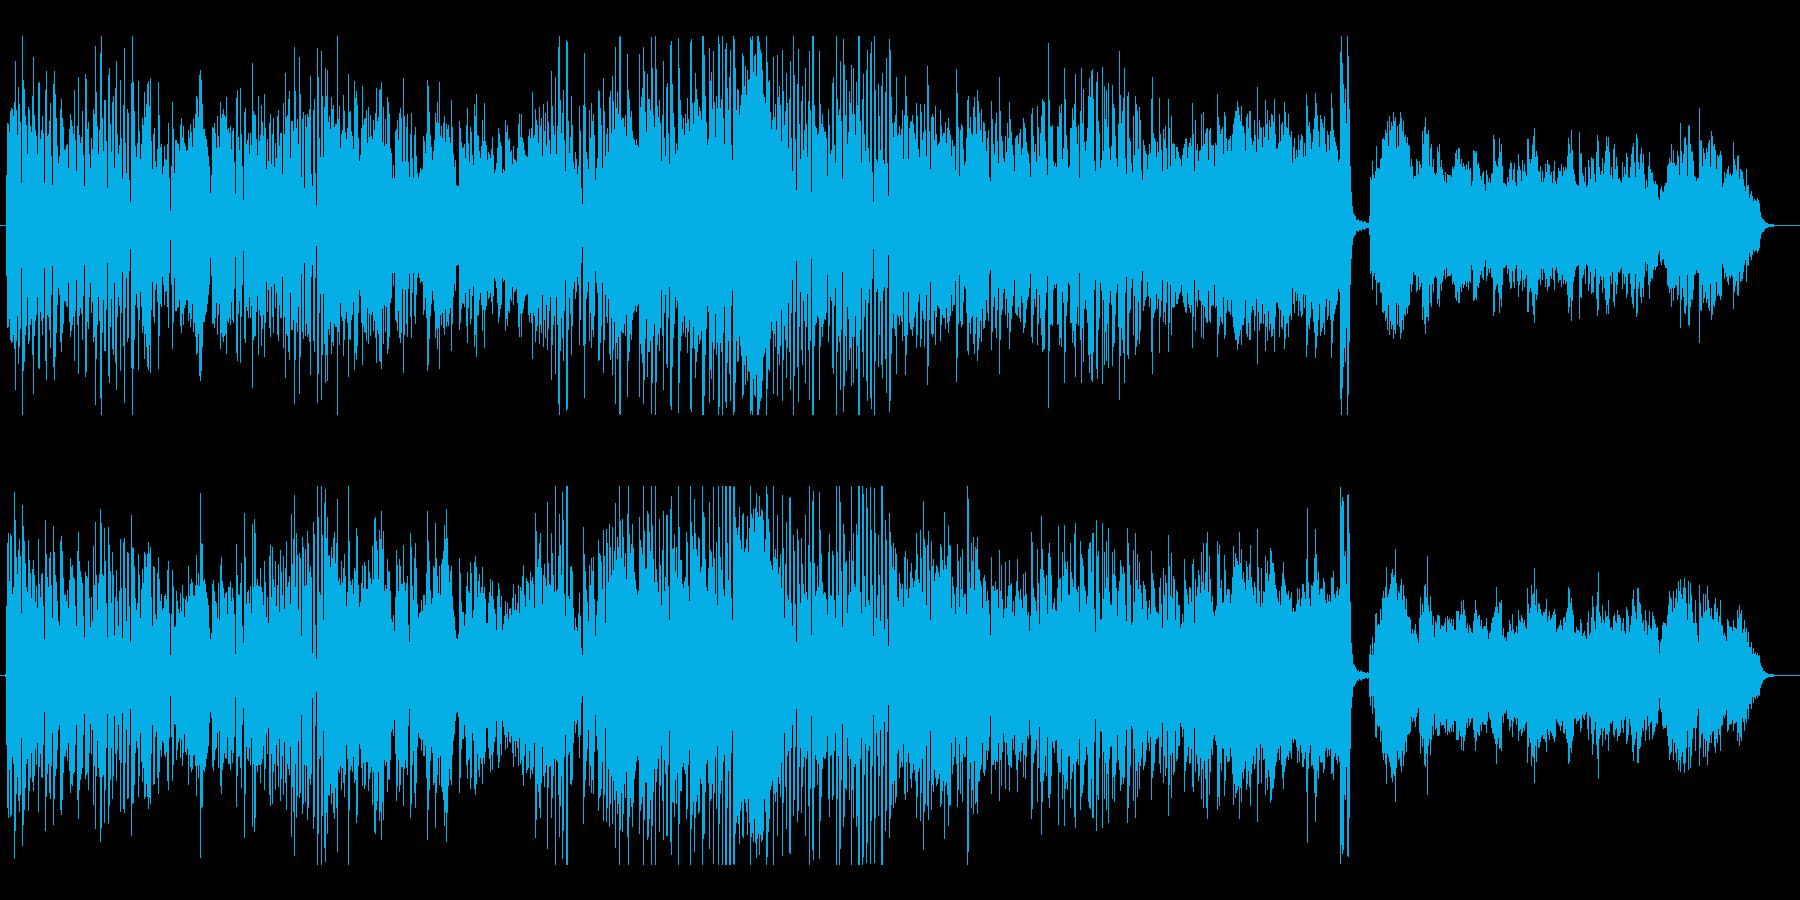 ピアノ連弾によるパワフルなポップスの再生済みの波形